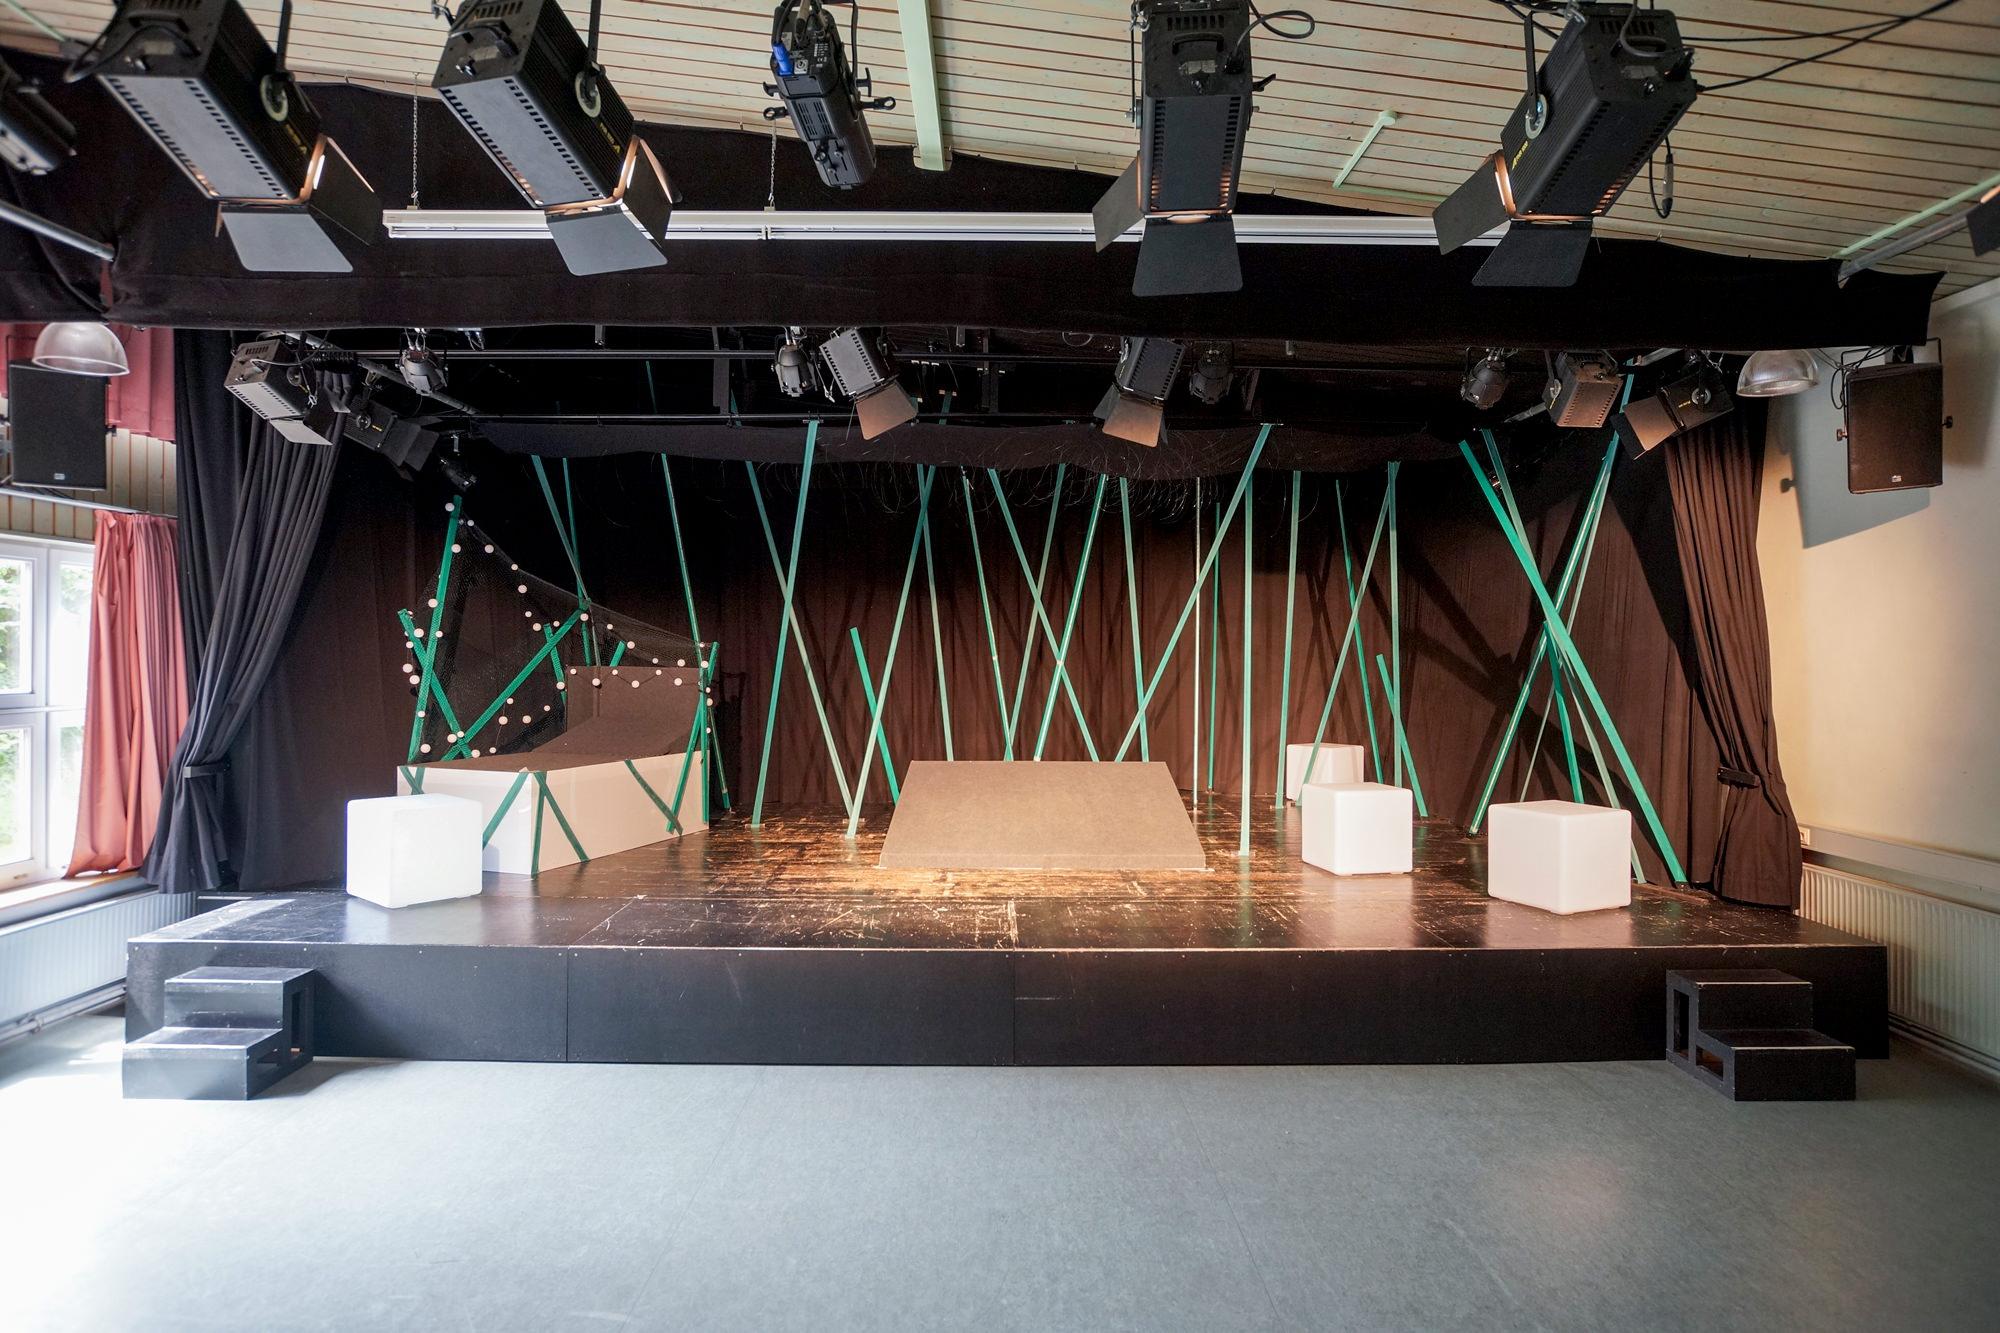 Unser Theatersaal ist eine voll ausgestattete Kleinbühne